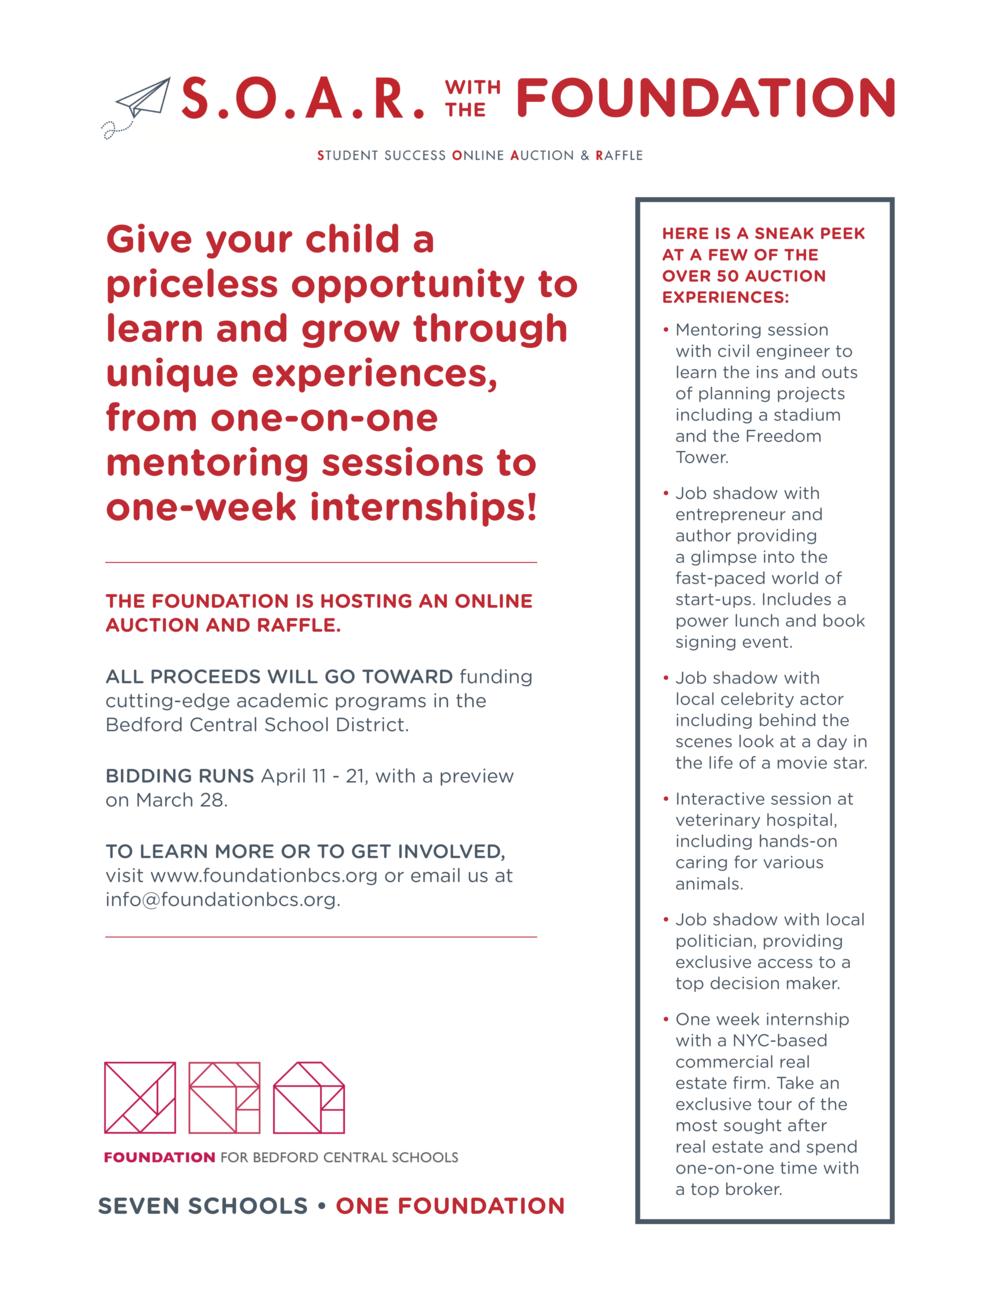 Foundation for Bedford Central Schools Flyer_PR5.png